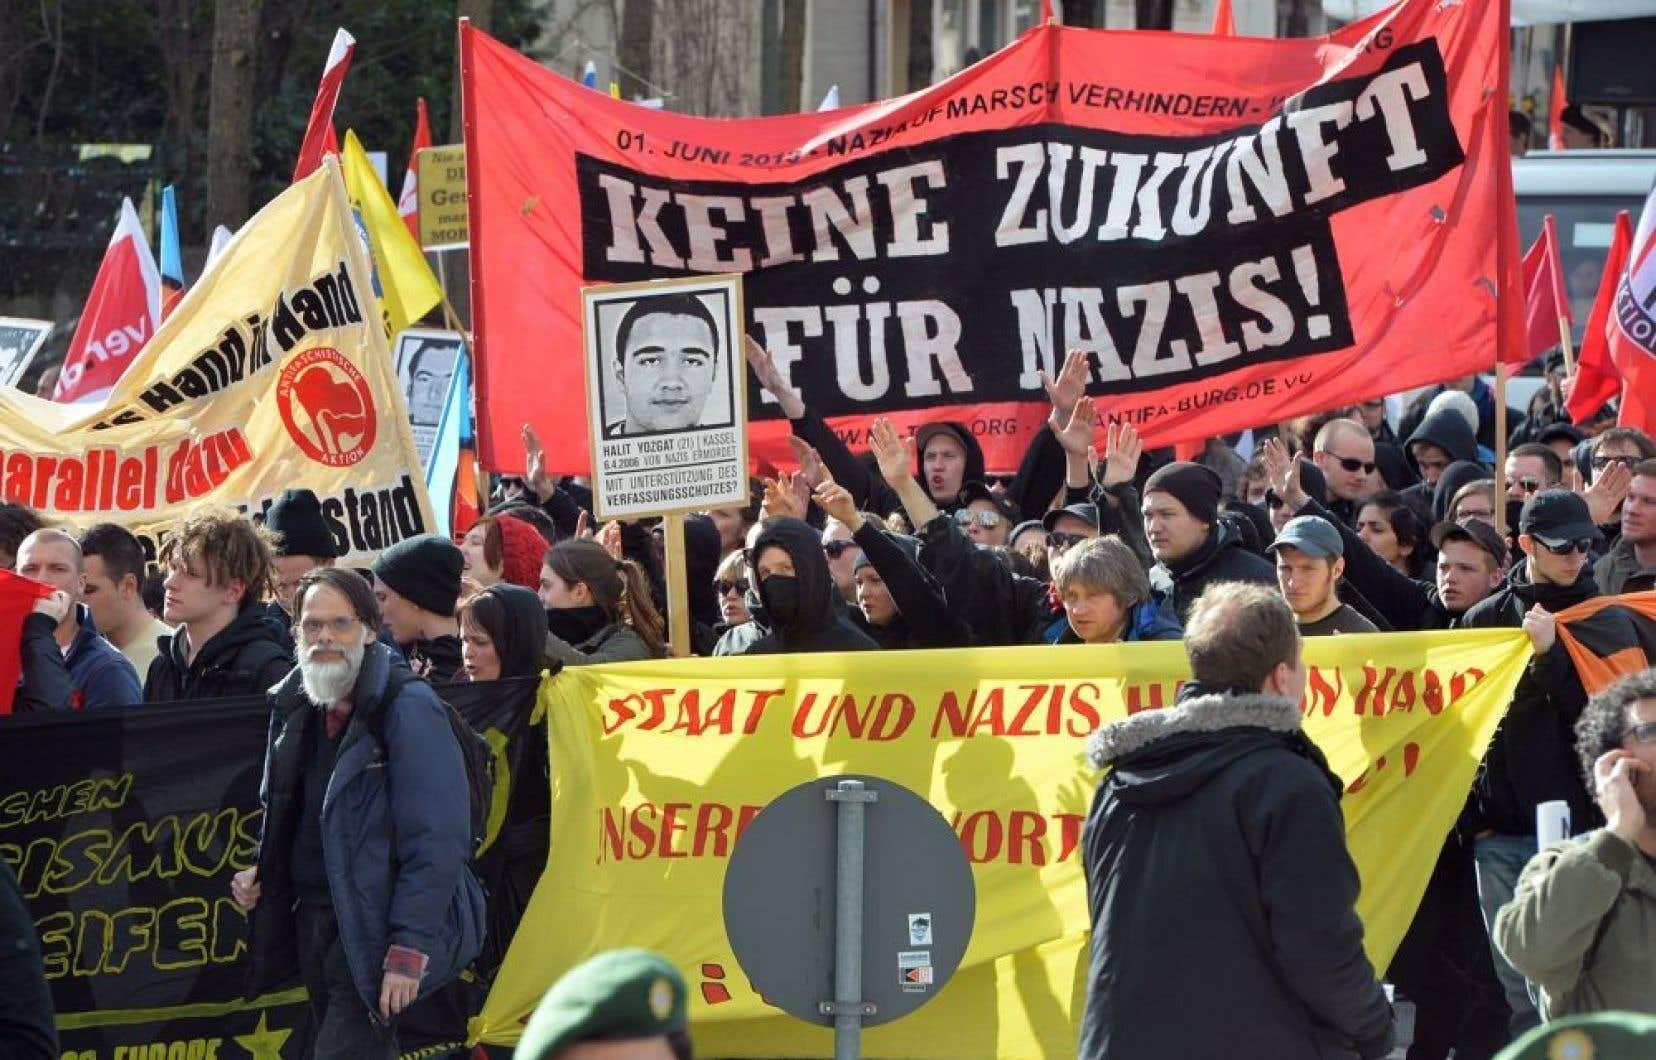 Environ 2000 personnes ont participé à une manifestation samedi à Munich afin de dénoncer le régime de terreur imposé pendant des années par un trio de néonazis.